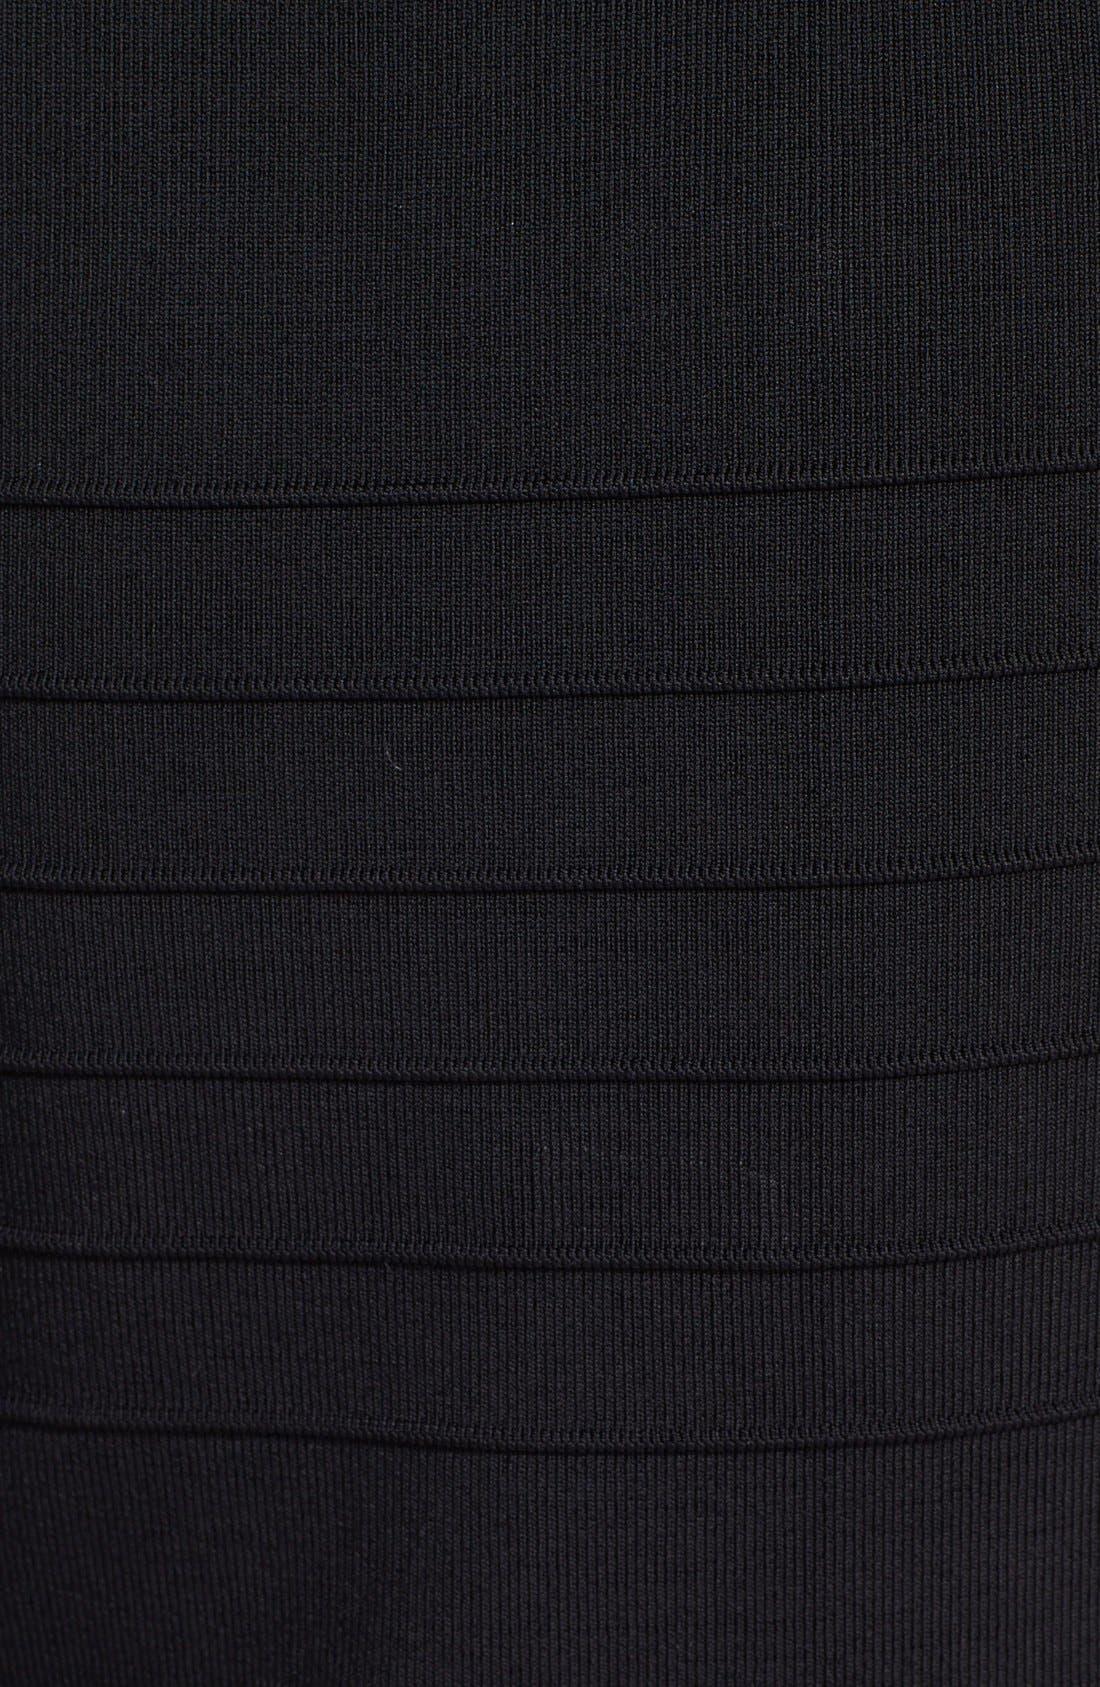 Alternate Image 3  - Diane von Furstenberg 'Fit and Flare' Dress